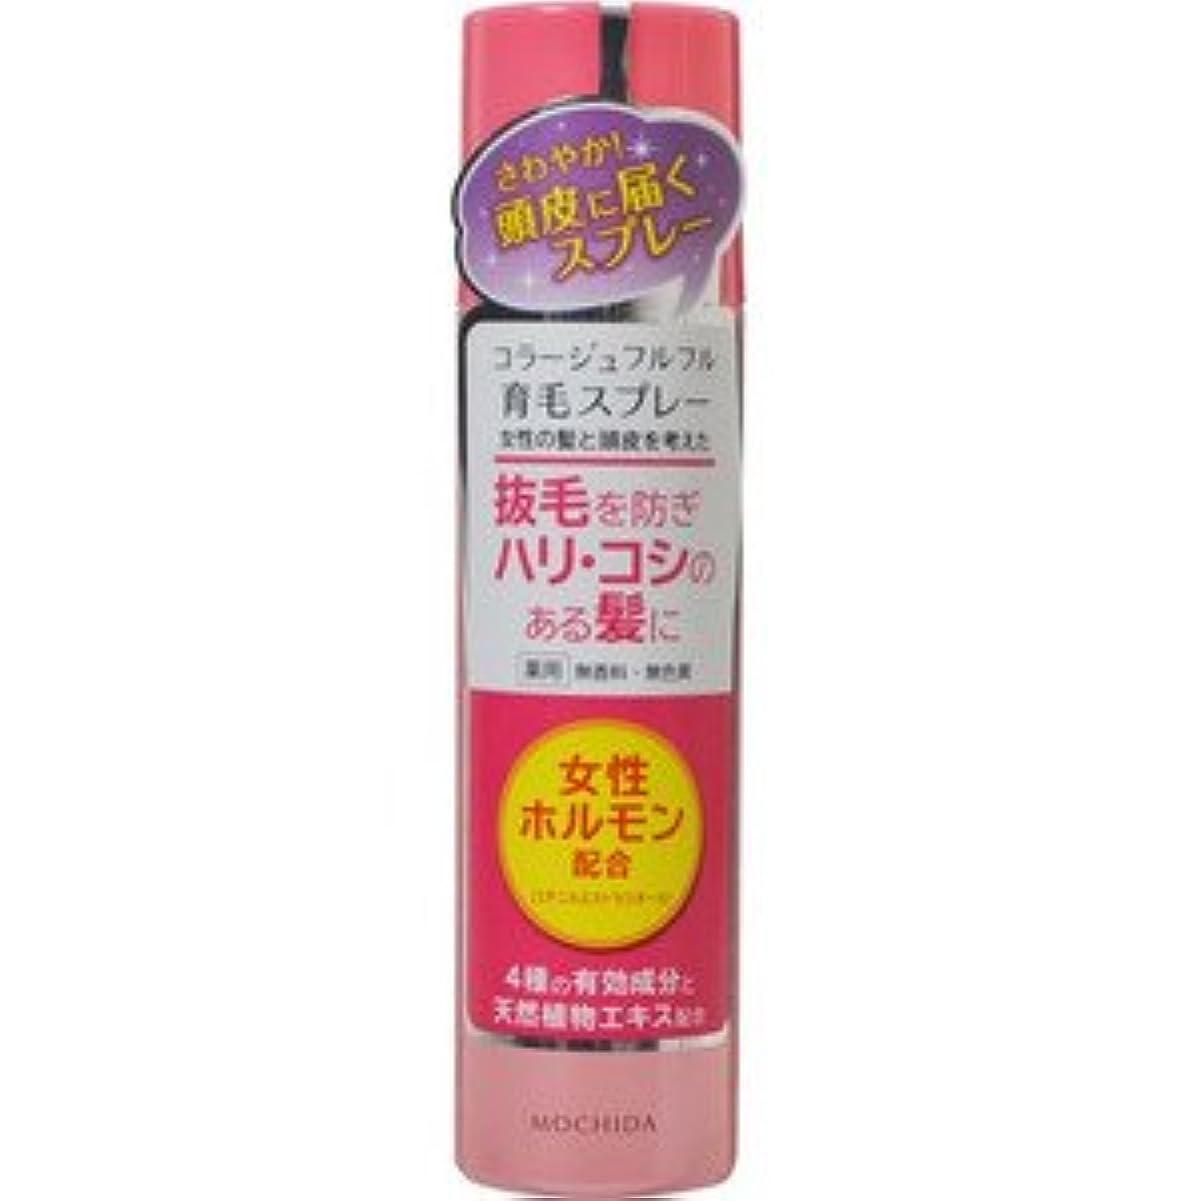 指息切れ死(持田ヘルスケア)コラージュフルフル 育毛スプレー 150g(医薬部外品)(お買い得3個セット)